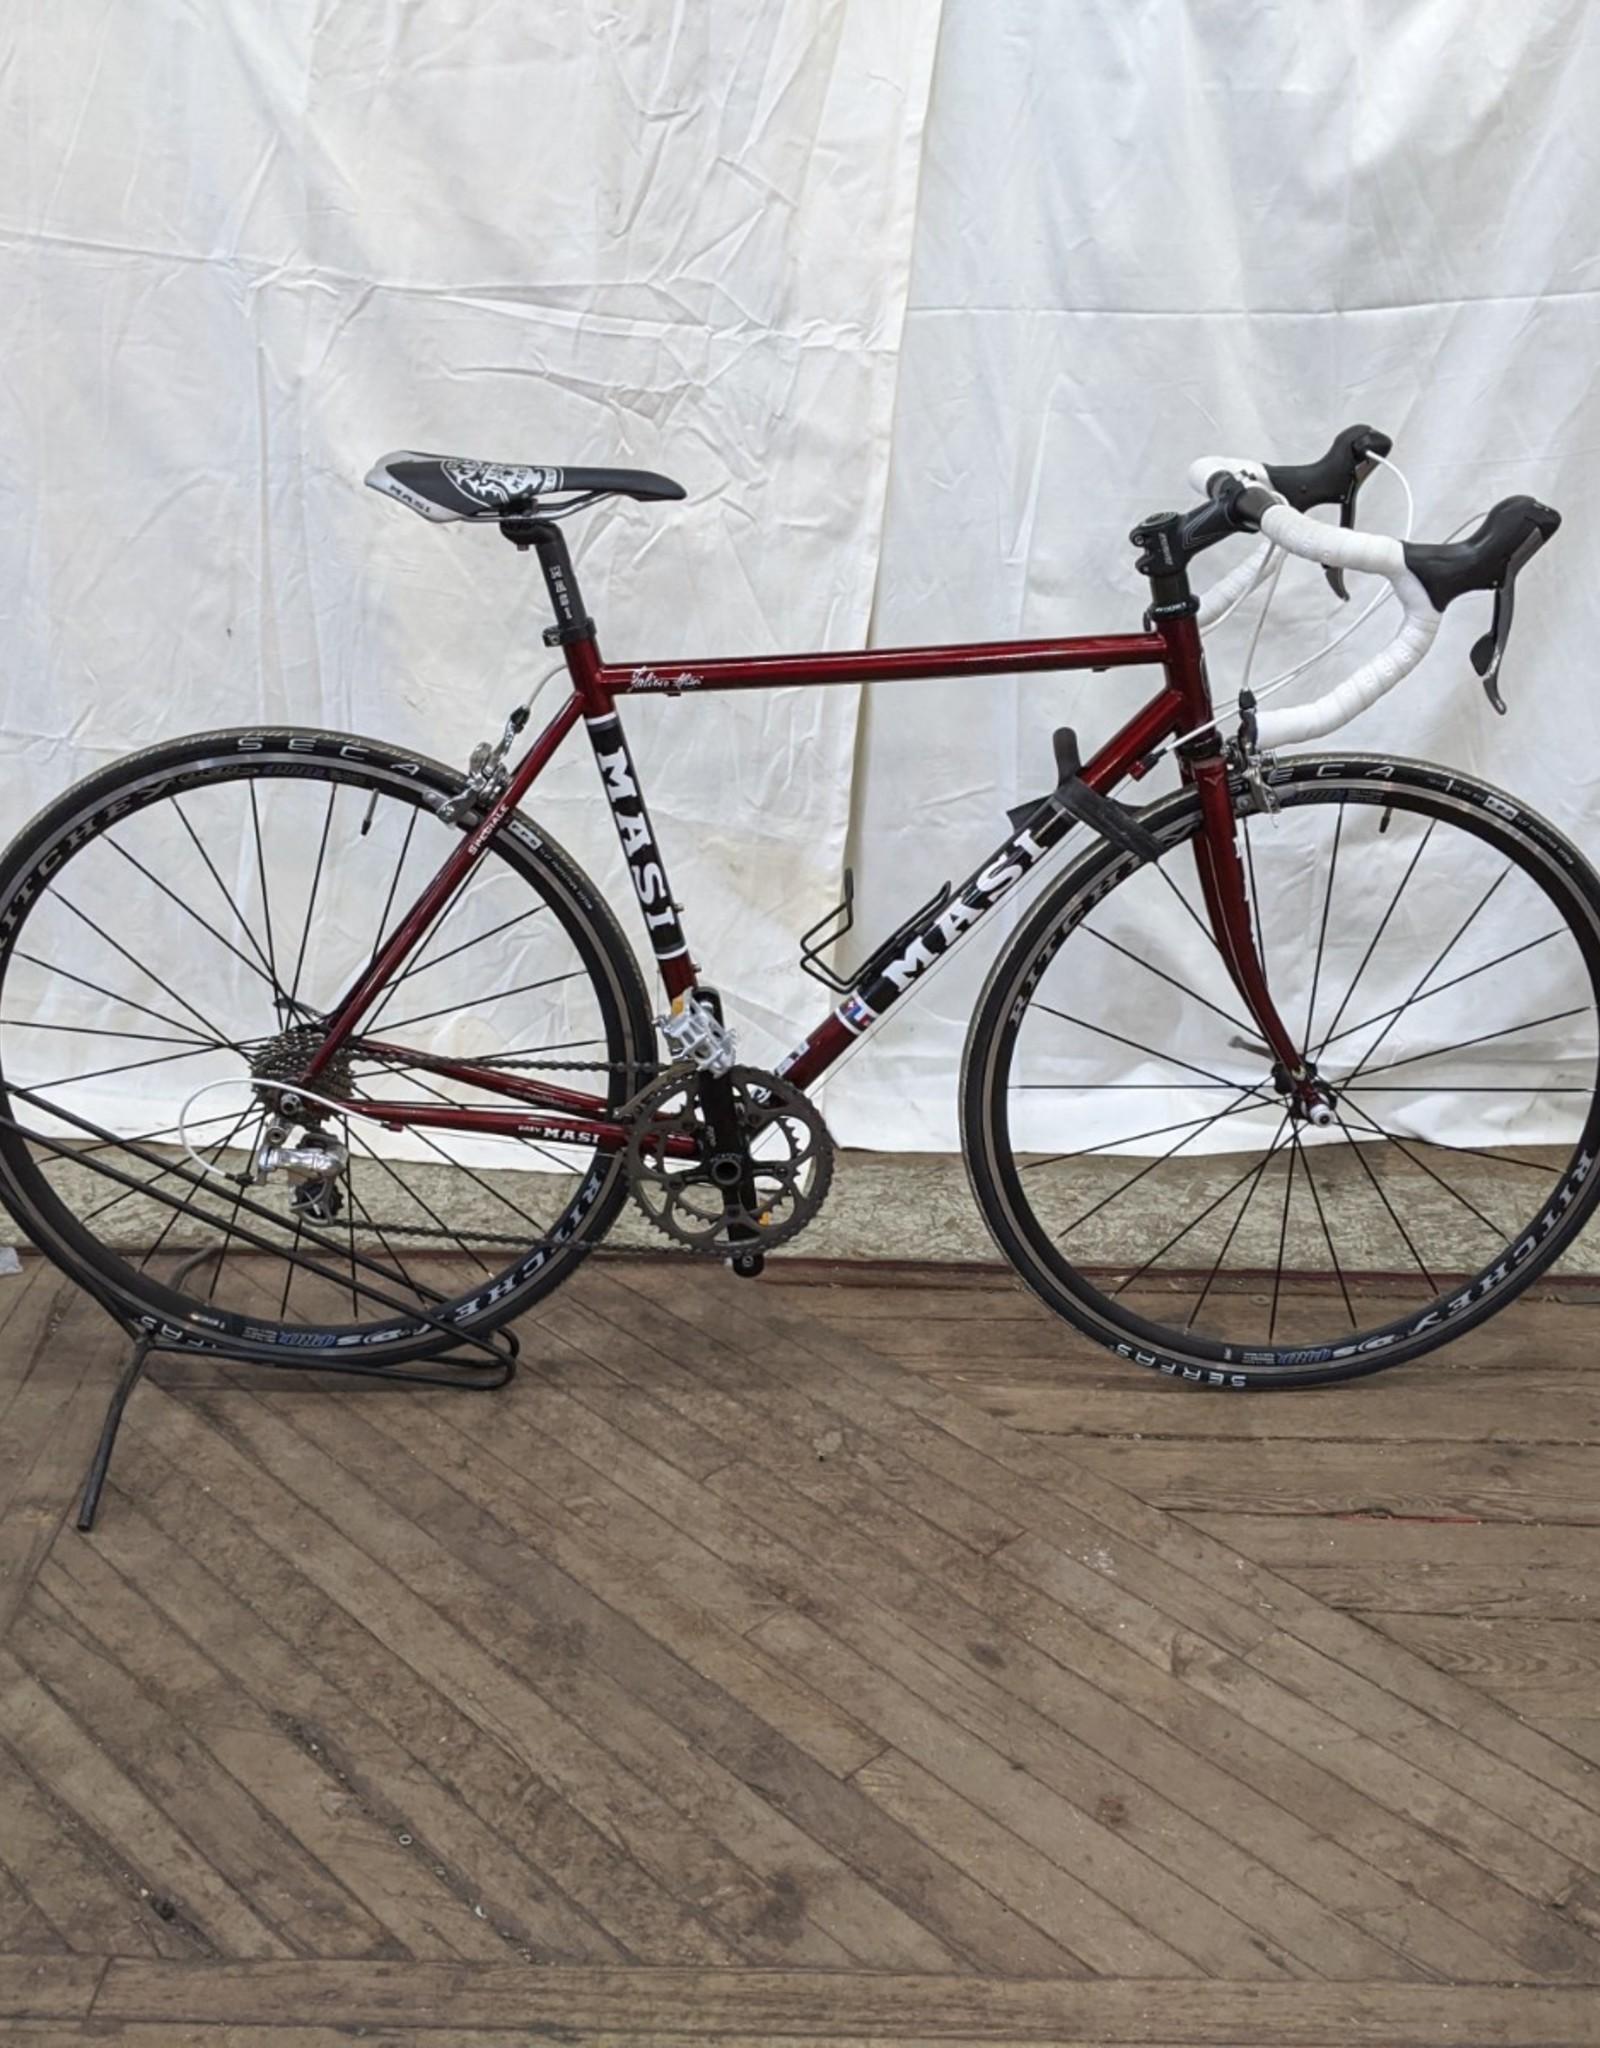 53cm Masi Speciale (2216 SFR)